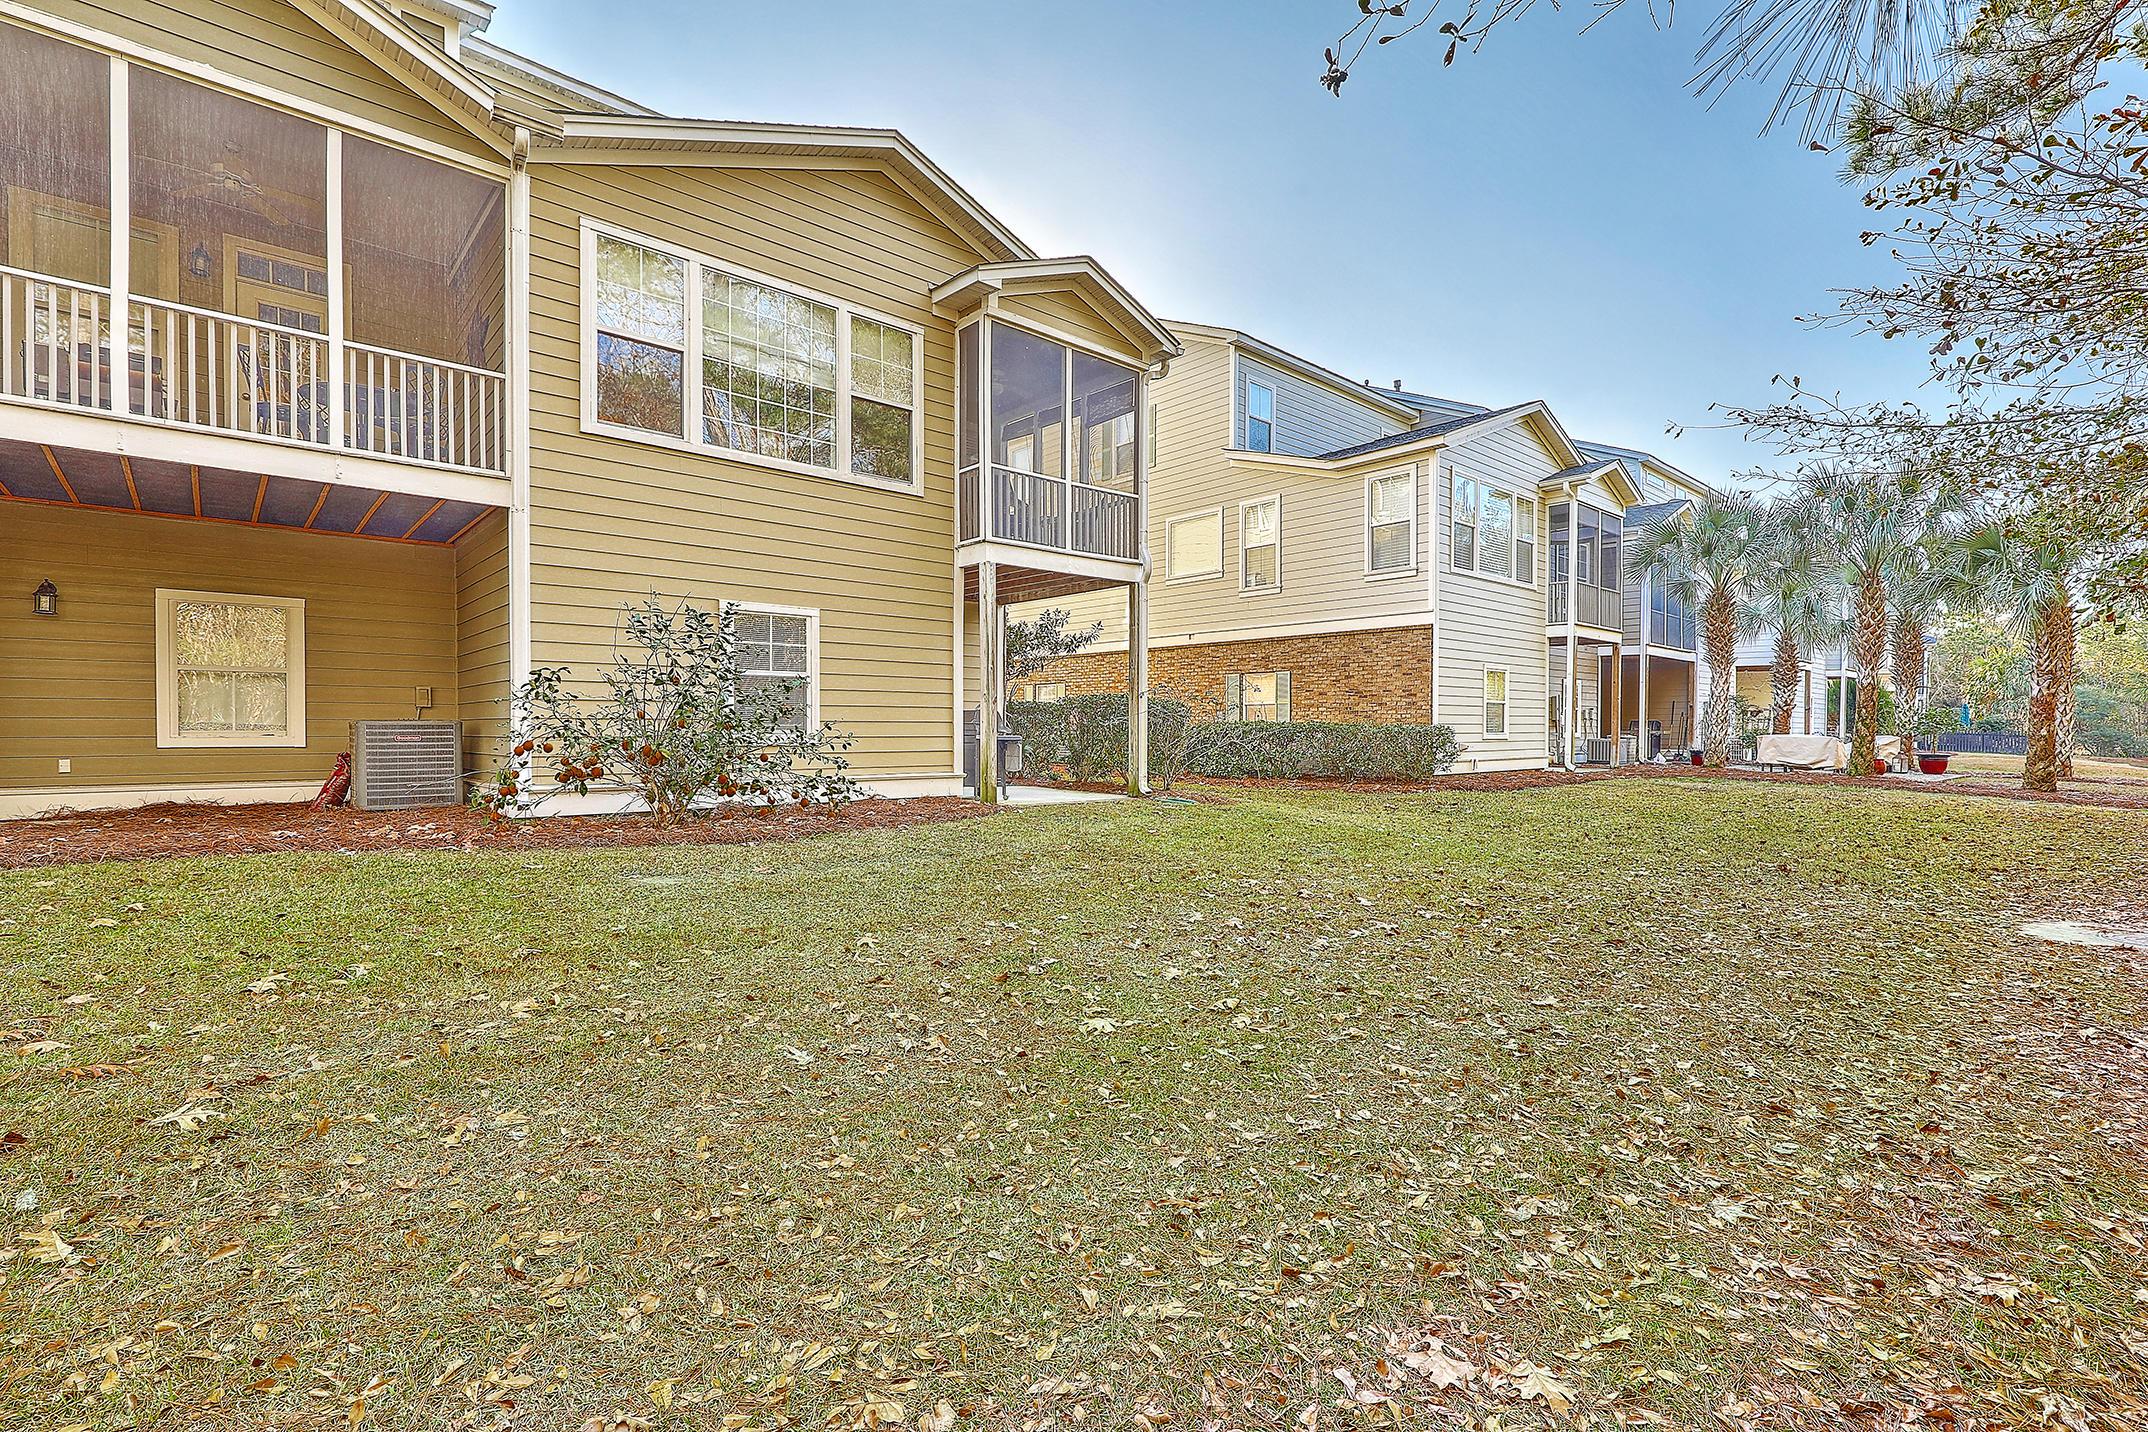 Dunes West Homes For Sale - 129 Palm Cove, Mount Pleasant, SC - 19